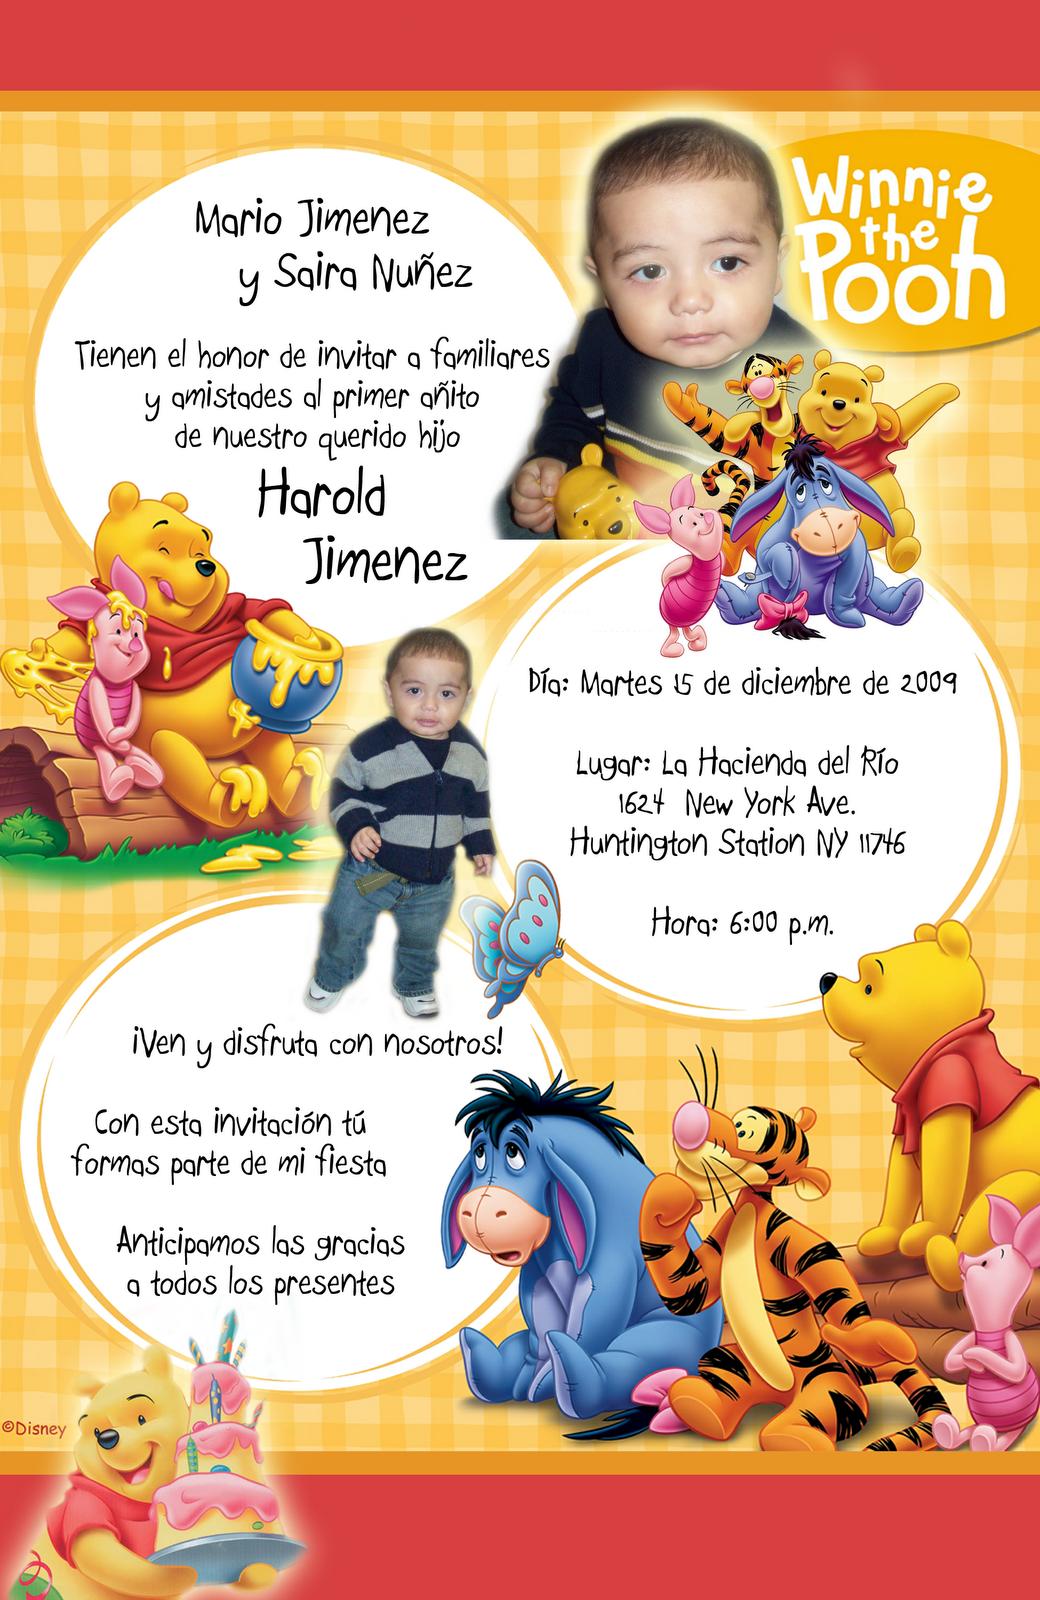 Tarjeta de Invitación Infantil de Cumpleaños Winnie Pooh 1 Año